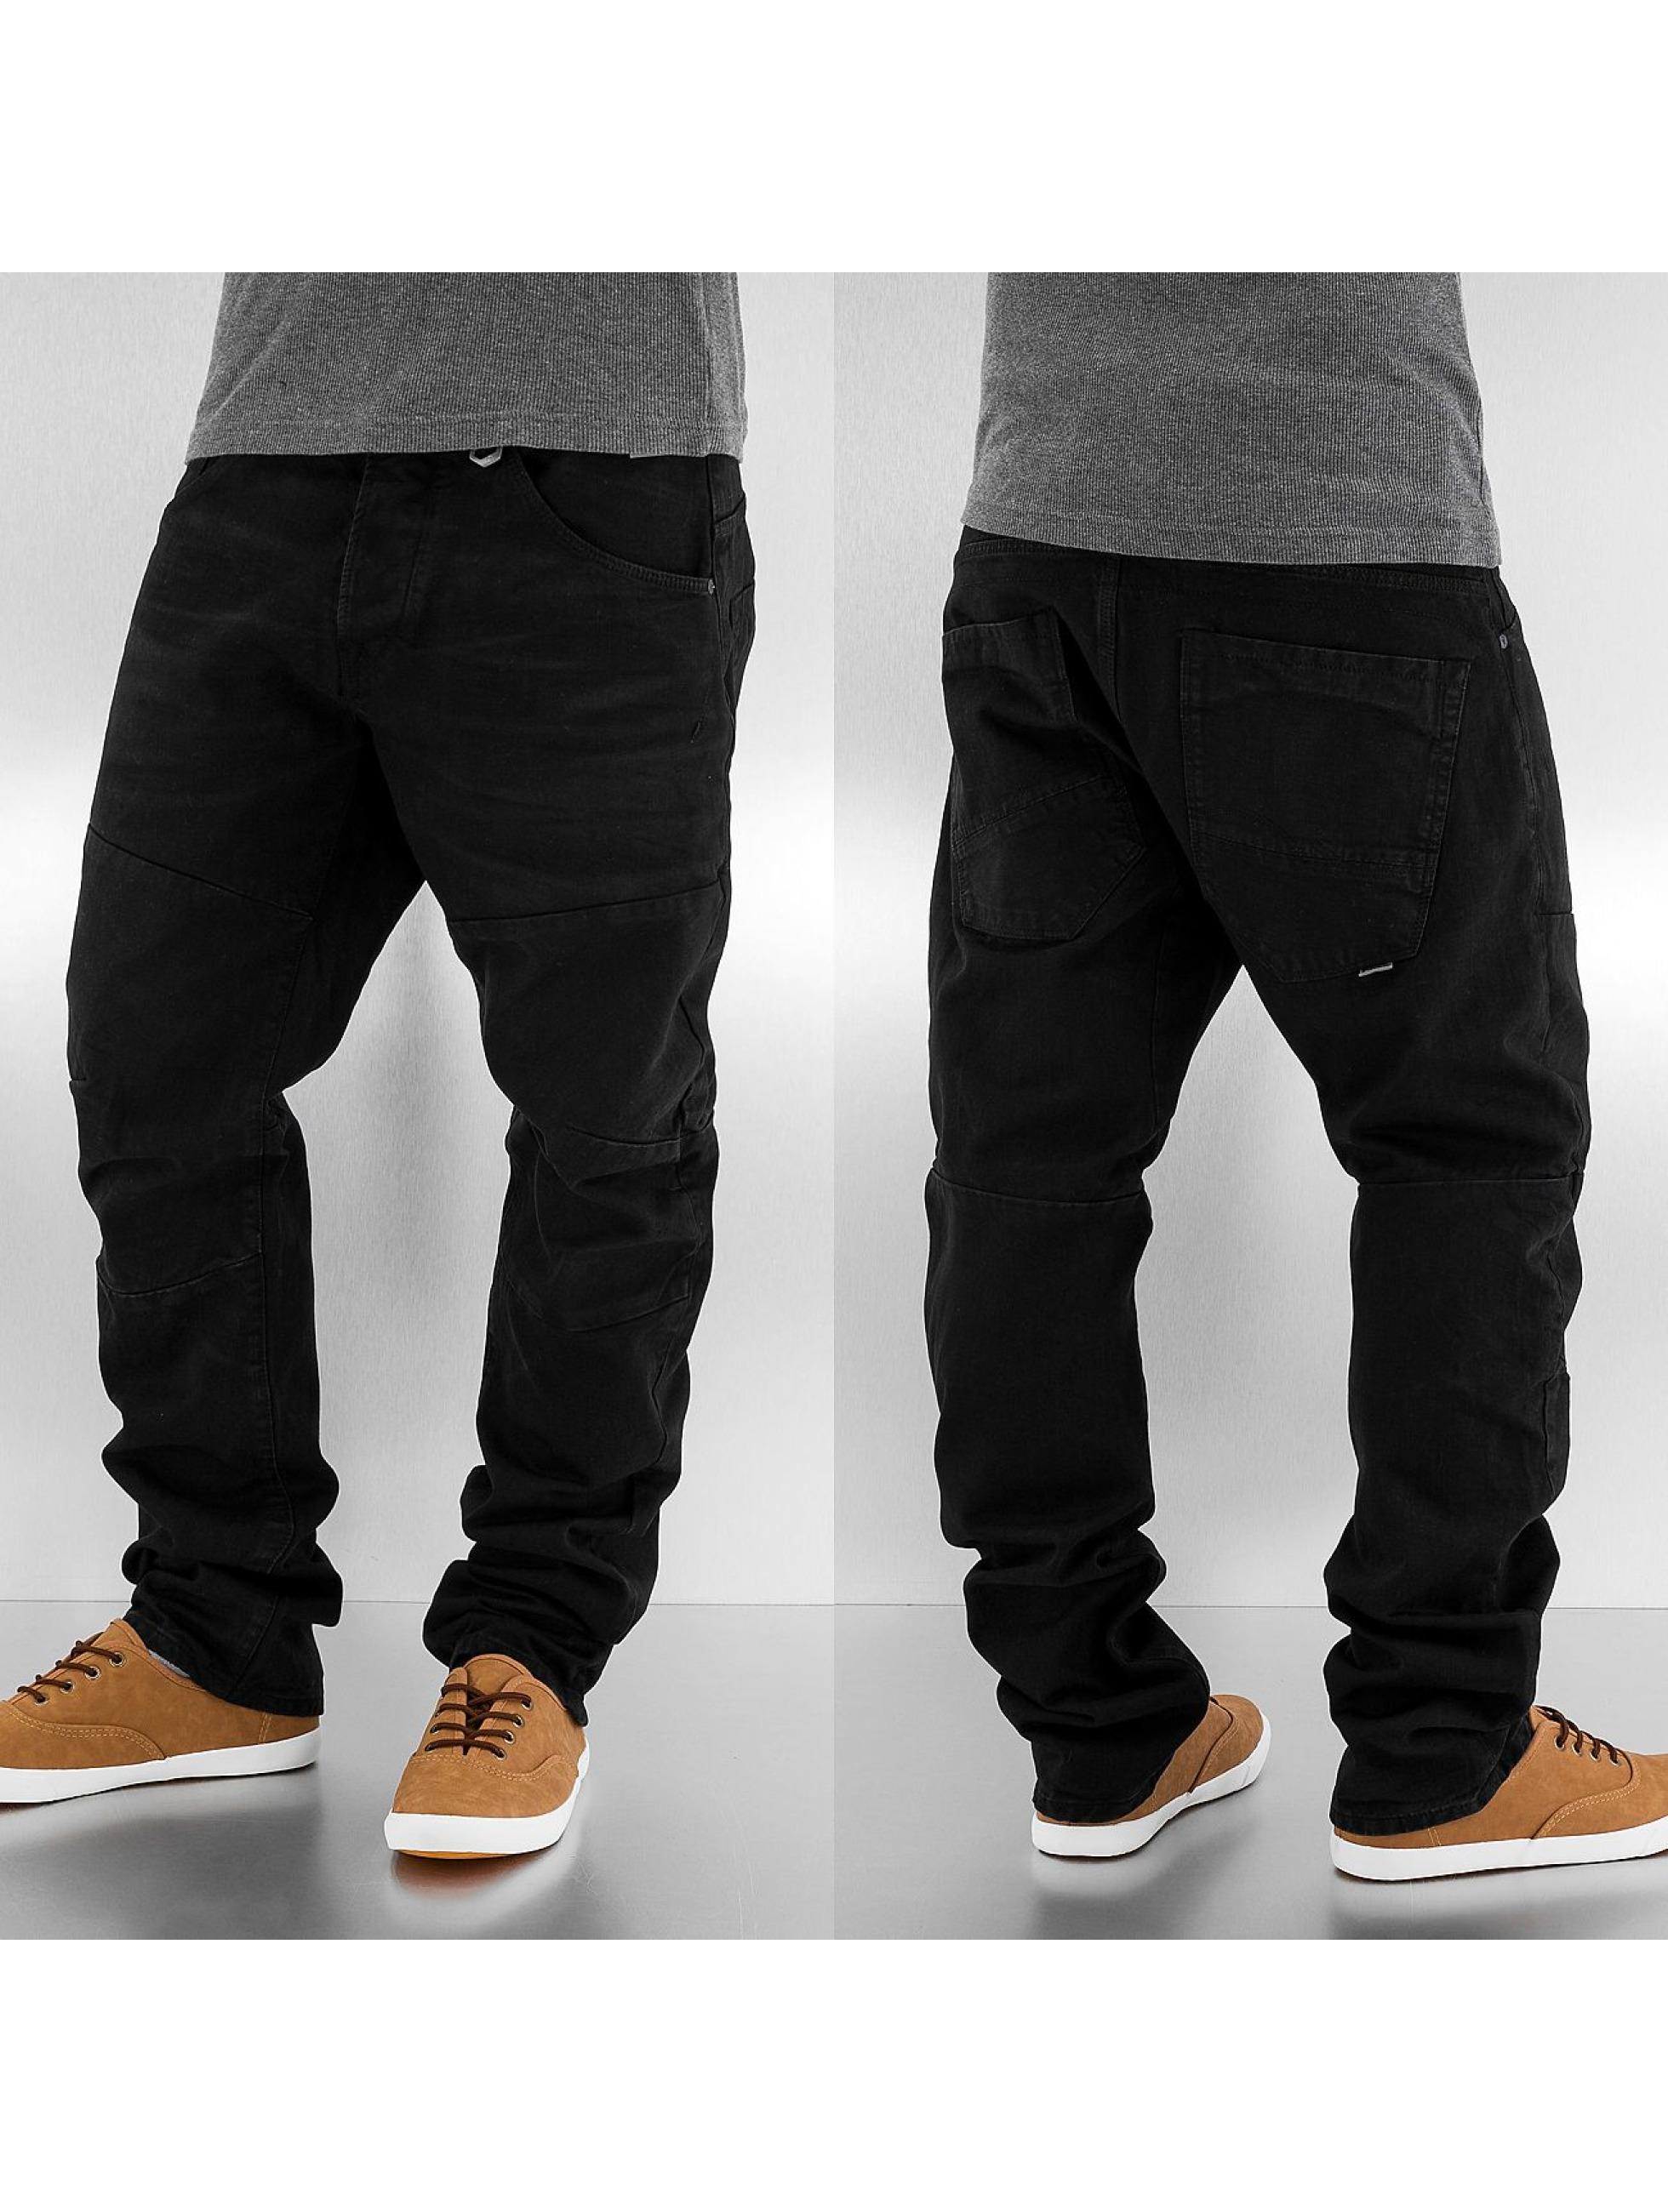 jack jones jeans straight fit jeans stan david in schwarz. Black Bedroom Furniture Sets. Home Design Ideas